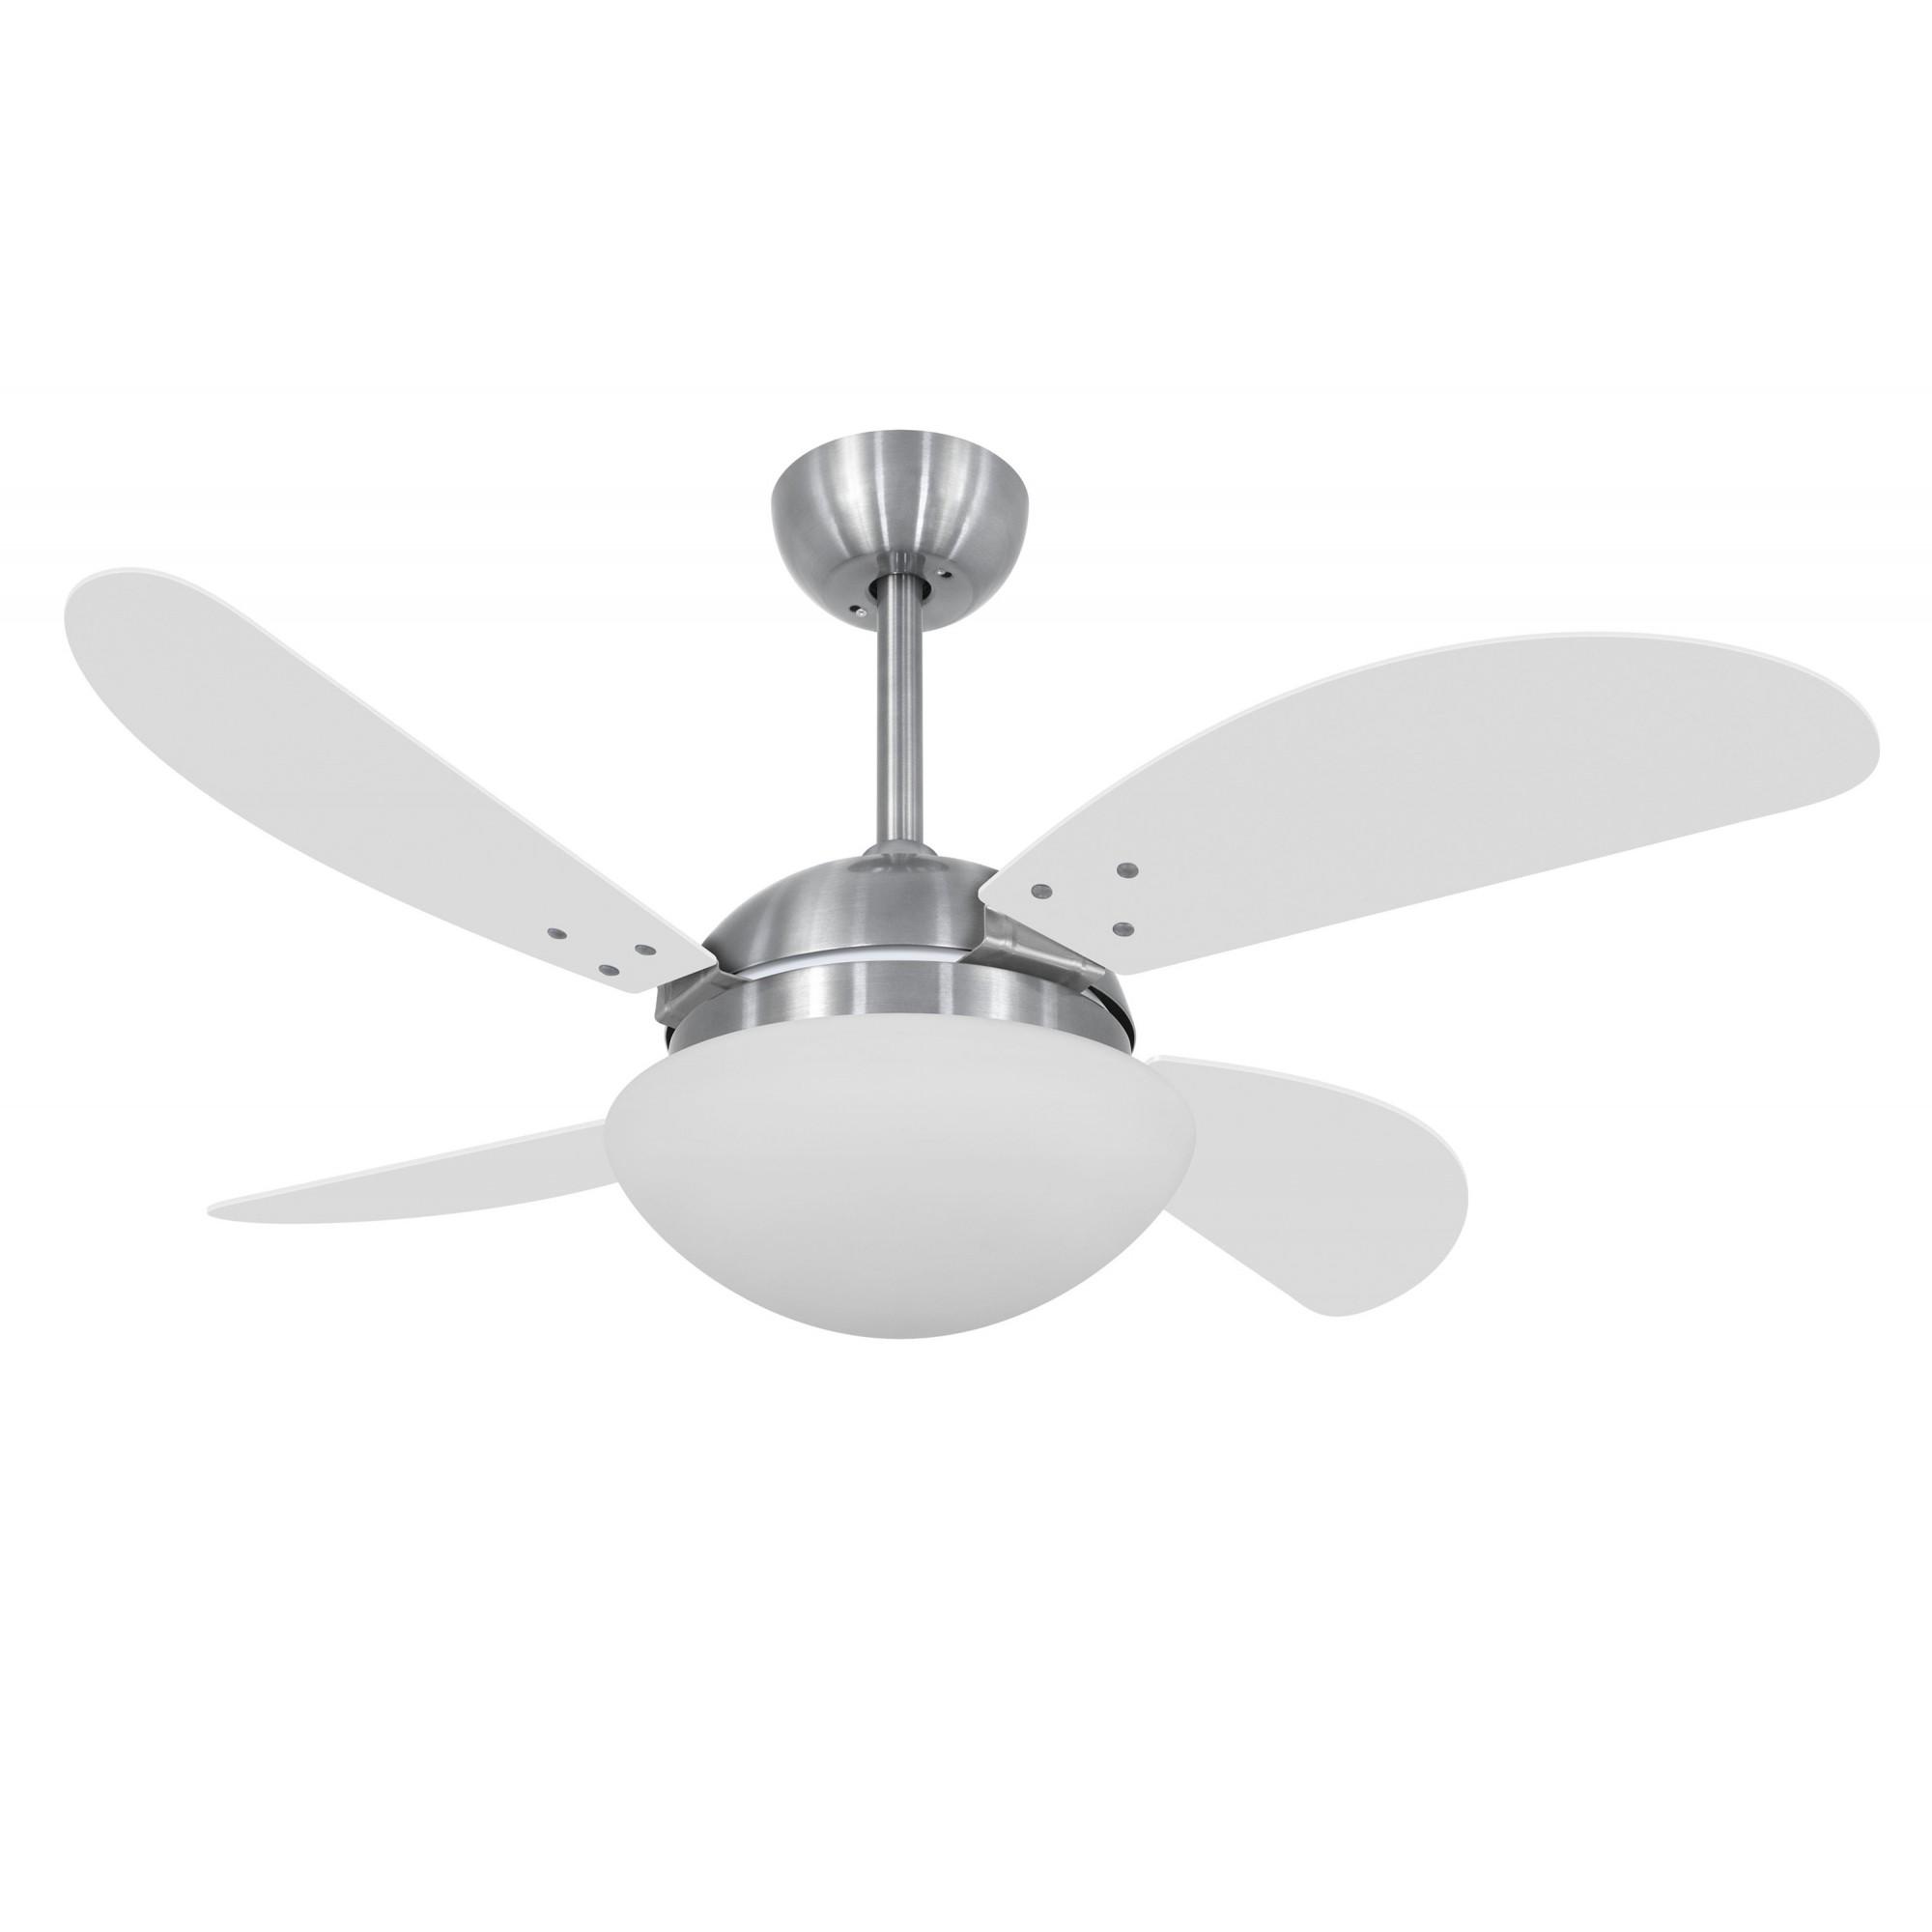 Ventilador de Teto VD42 Fly Prata/Br 220V+Controle Remoto